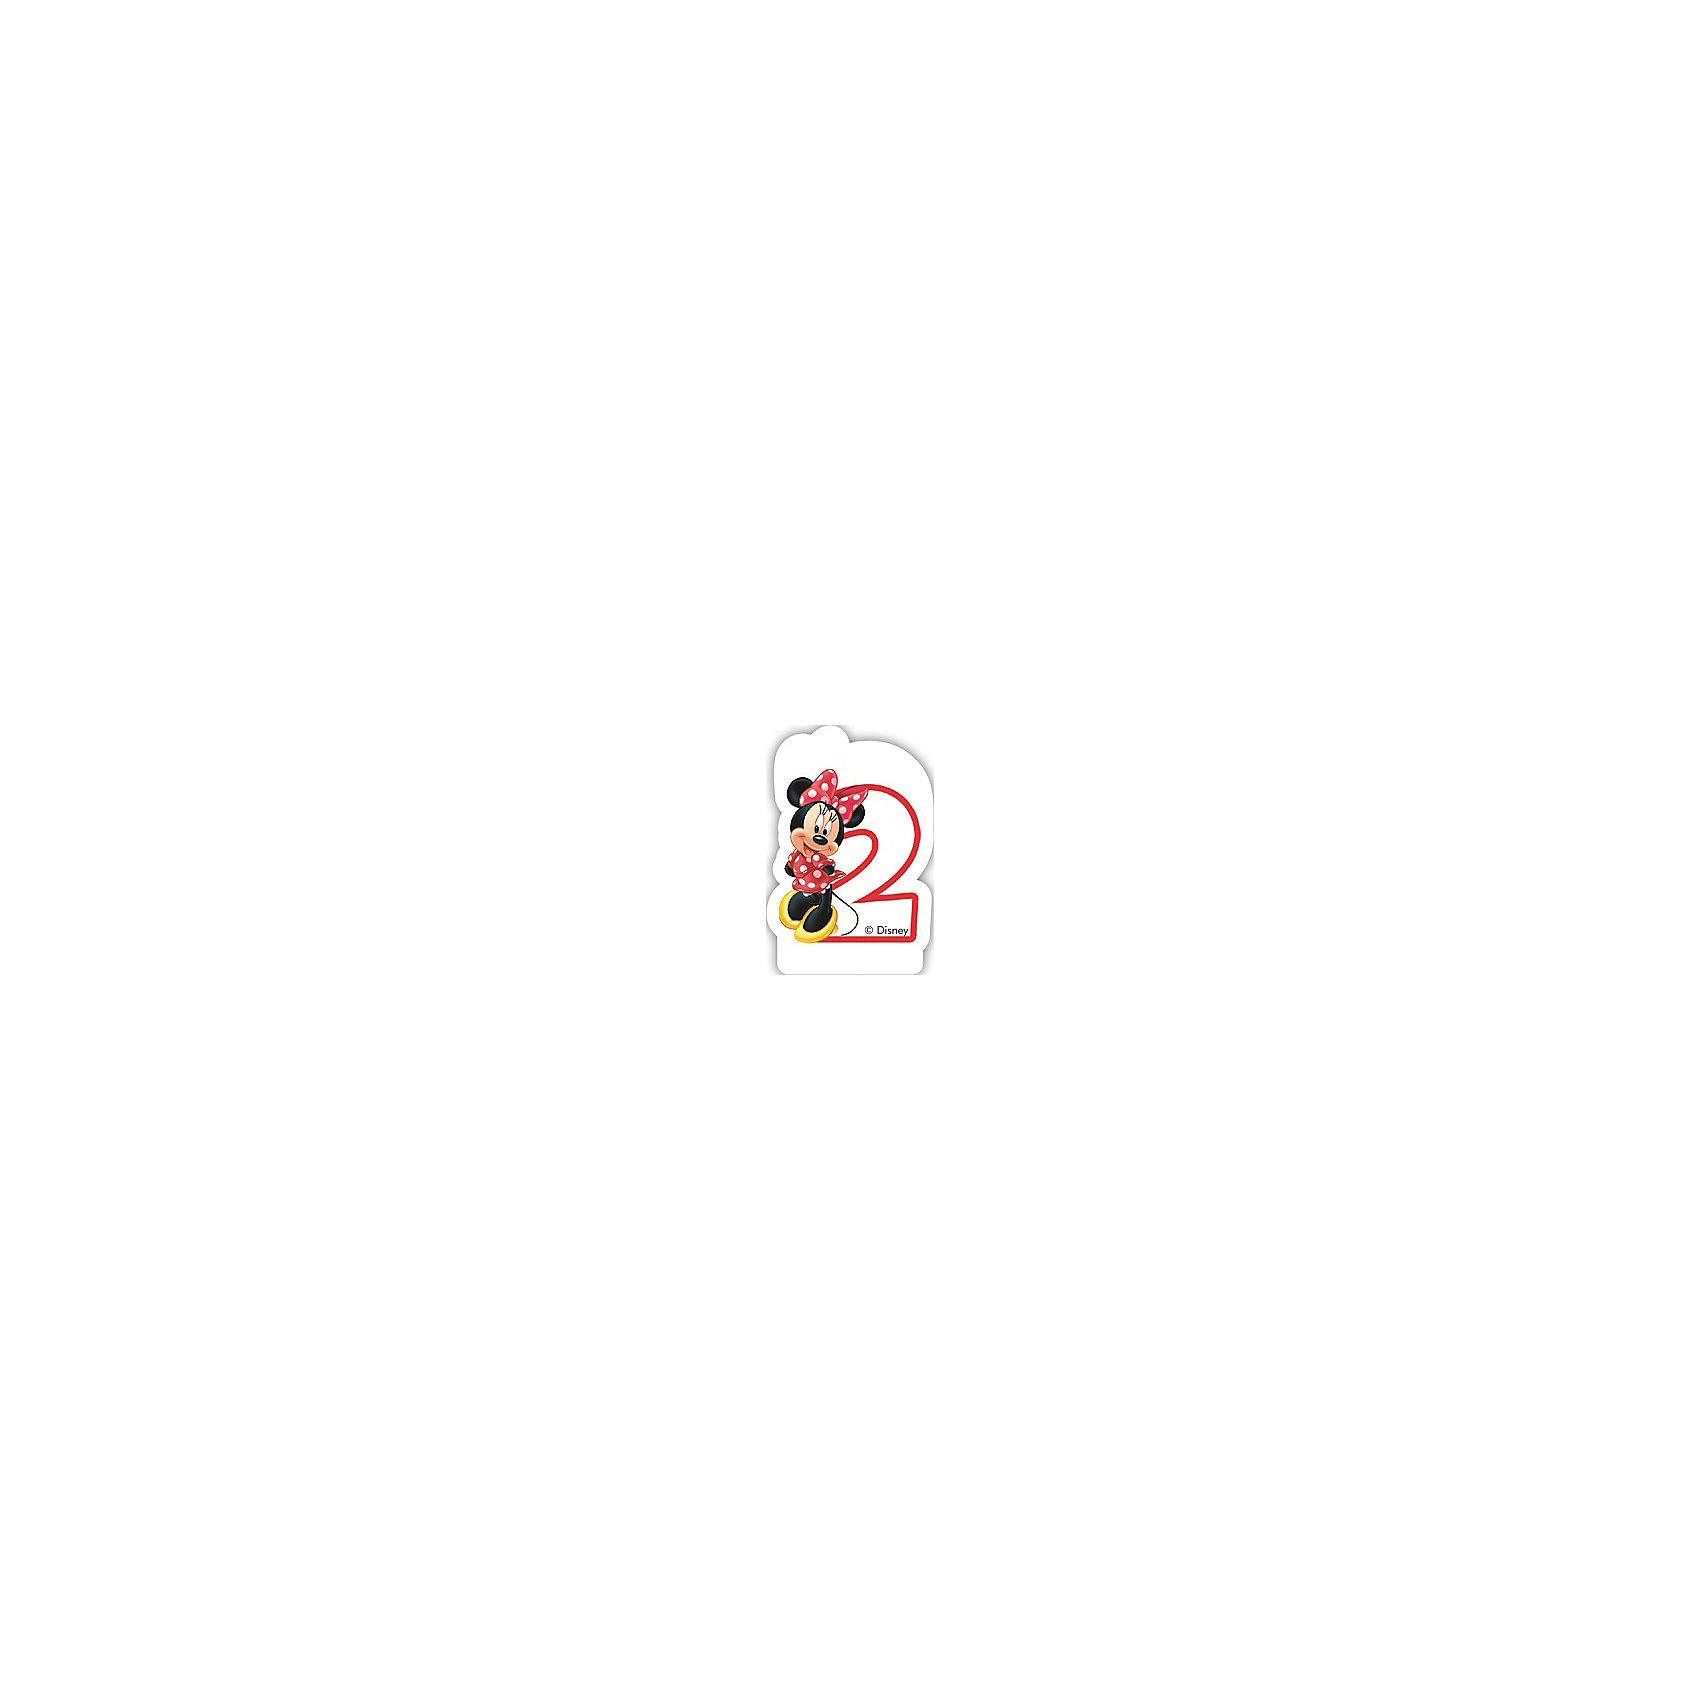 Объемная свечка Кафе Минни 2 годаОбъемная свечка Кафе Минни,  украсит праздничный торт Вашей малышки на ее 2-летие. Свечка выполнена в форме цифры 2 с фигуркой веселой мышки Минни из популярных диснеевских мультфильмов о мышонке Микки-Маусе и его друзьях. Яркая оригинальная свечка создаст волшебную атмосферу и уют на любимом детском празднике.<br><br>Дополнительная информация:<br><br>- Материал: парафин. <br>- Размер: 2,6 х 8,8 х 13 см.<br>- Вес: 150 гр. <br><br>Объемную свечку Кафе Минни 2 года  можно купить в нашем интернет-магазине.<br><br>Ширина мм: 26<br>Глубина мм: 88<br>Высота мм: 130<br>Вес г: 150<br>Возраст от месяцев: 36<br>Возраст до месяцев: 84<br>Пол: Женский<br>Возраст: Детский<br>SKU: 4008397